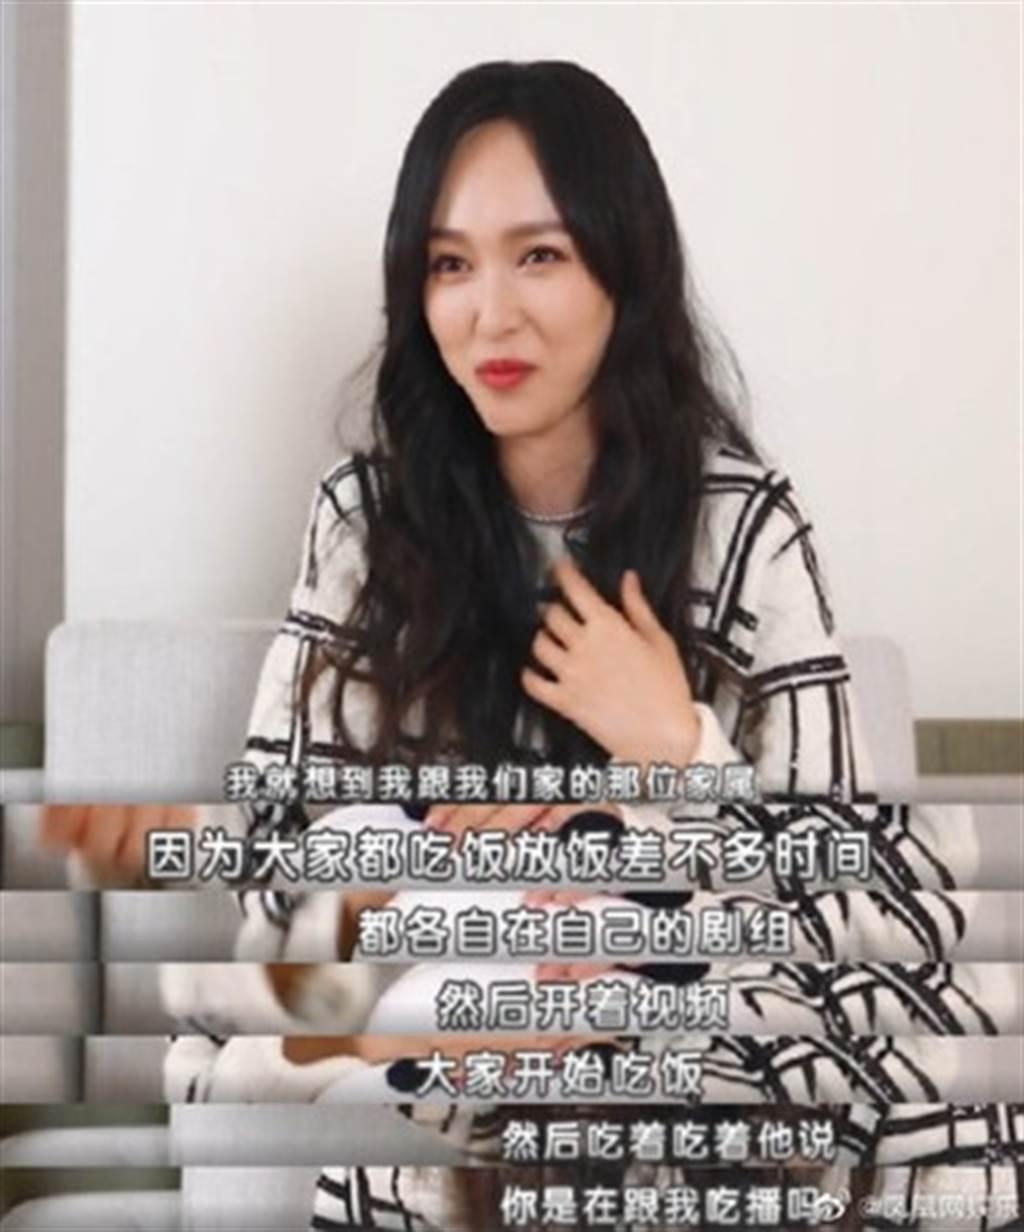 唐嫣受訪時談到和老公相處的細節。(圖/翻攝自微博)